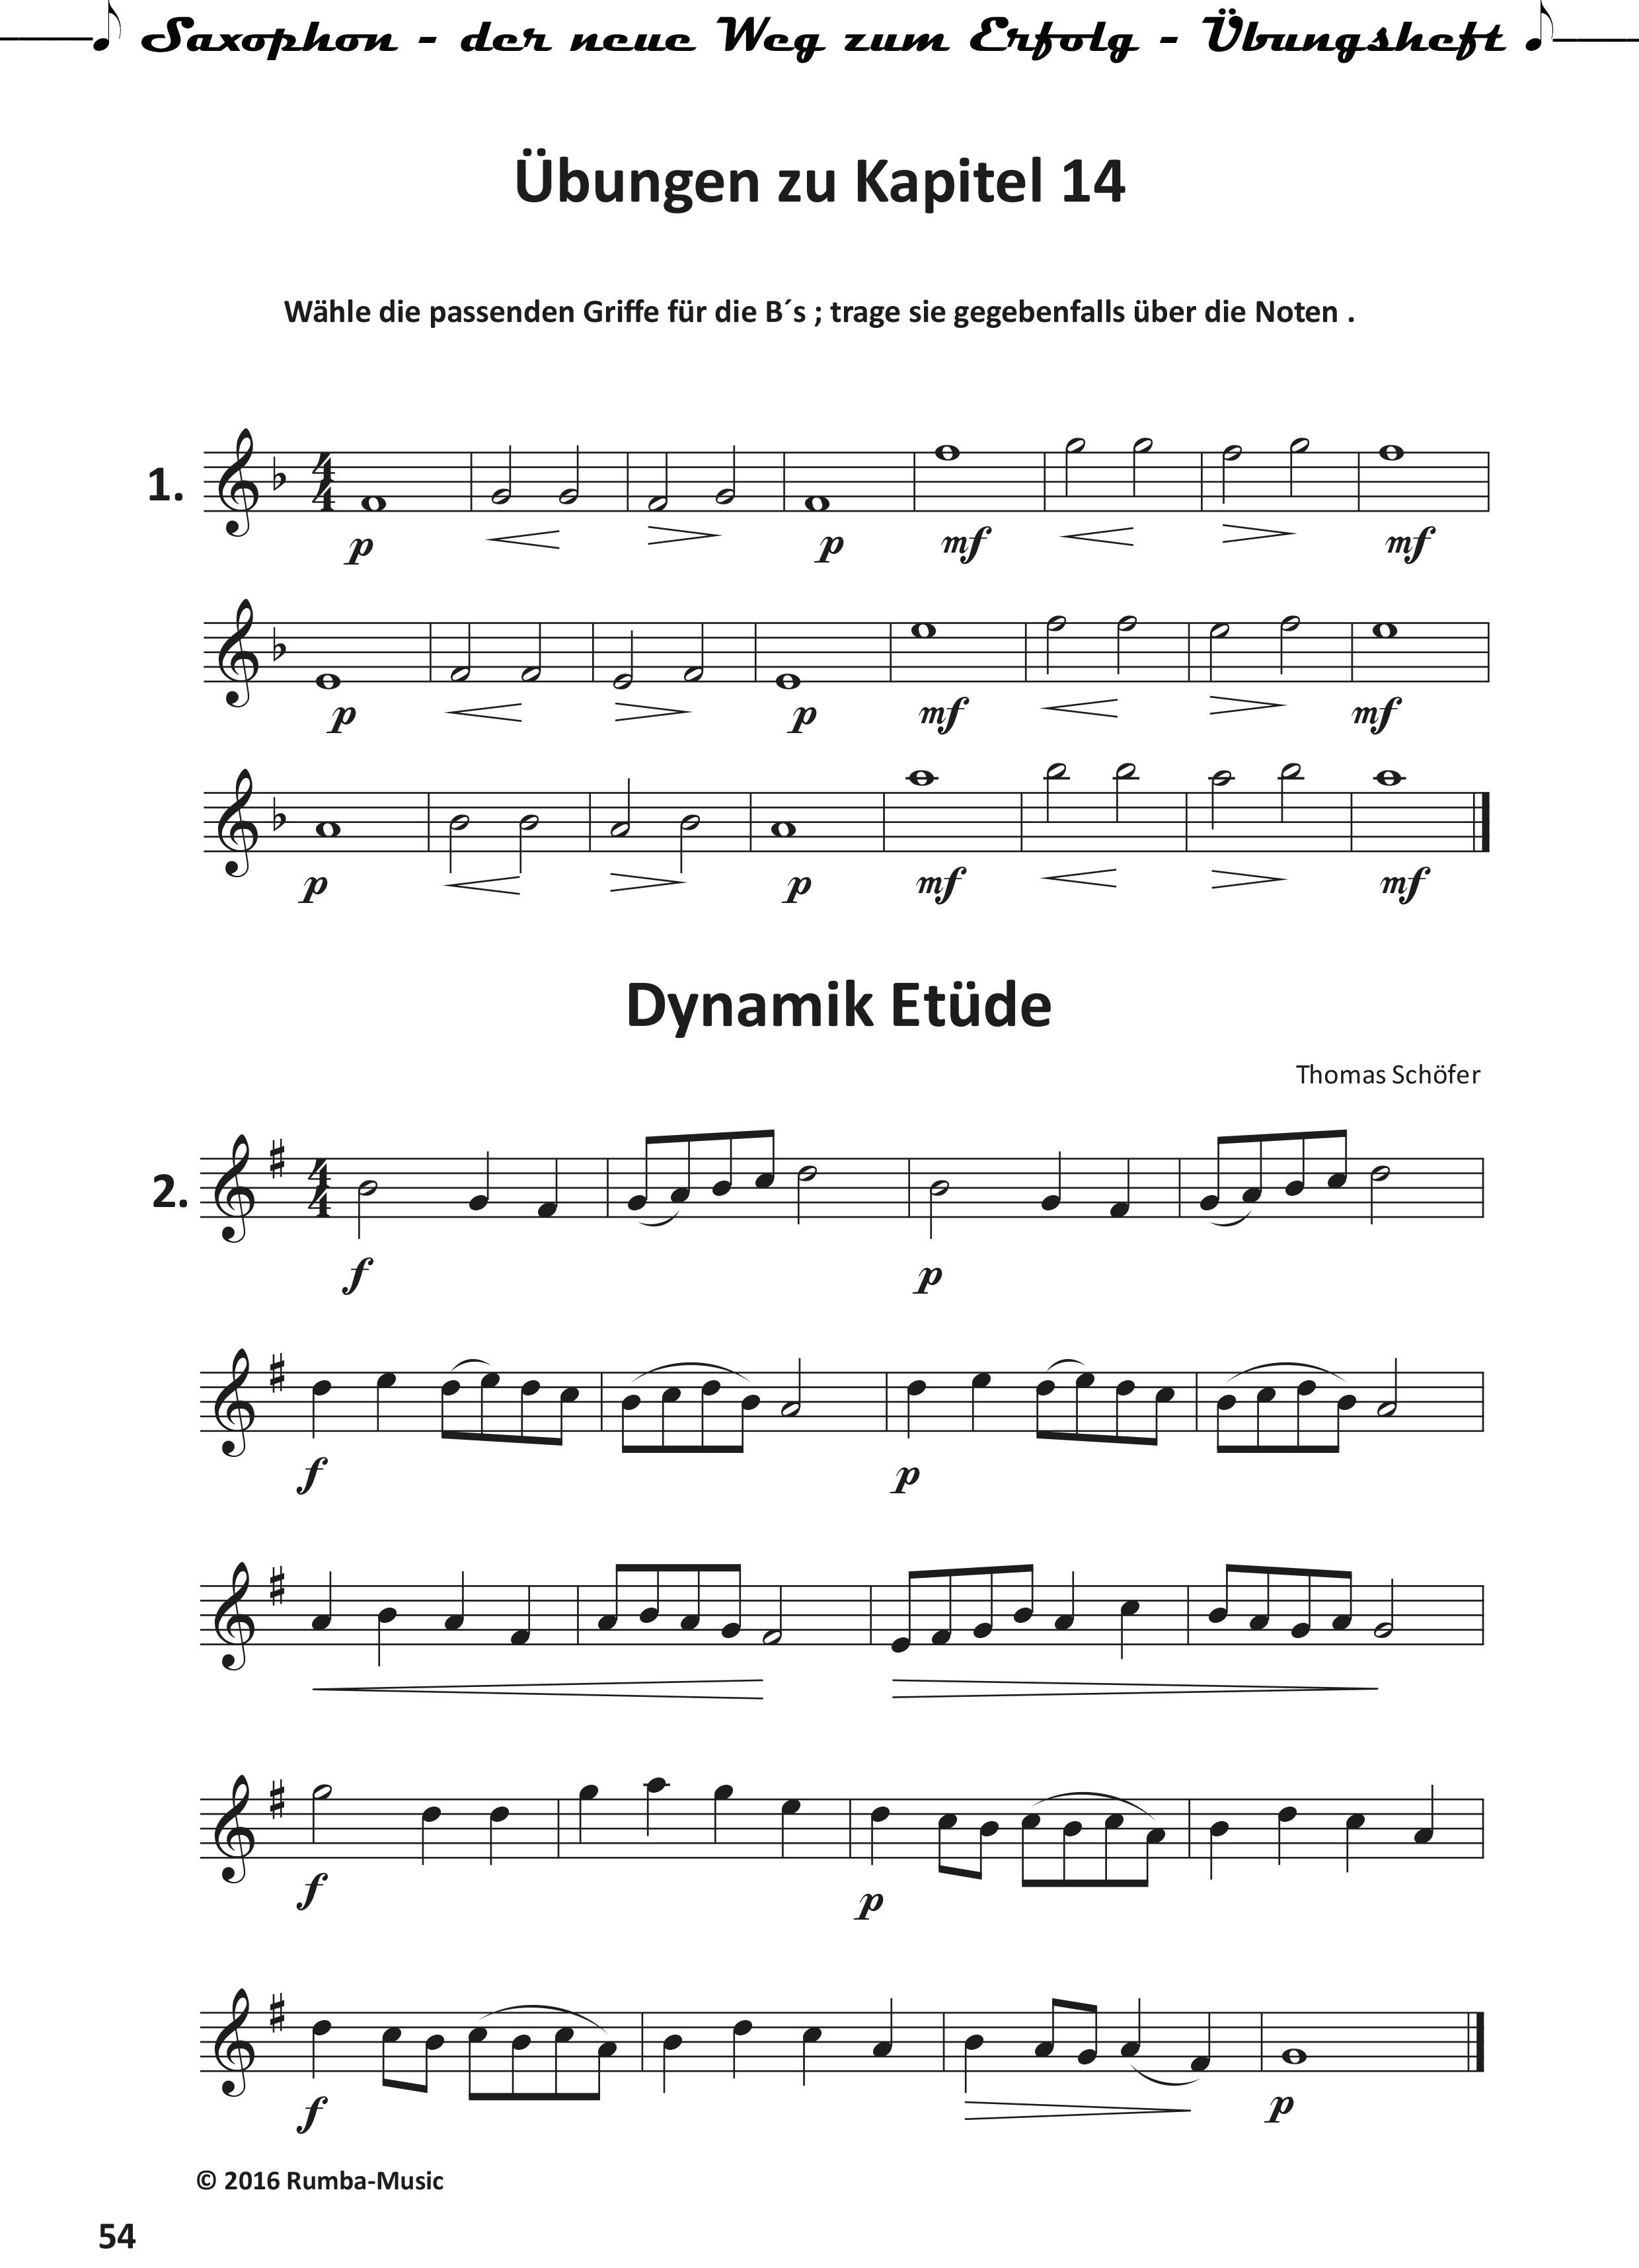 Saxophon-der neue Weg zum Erfolg- Uebungsheft-54